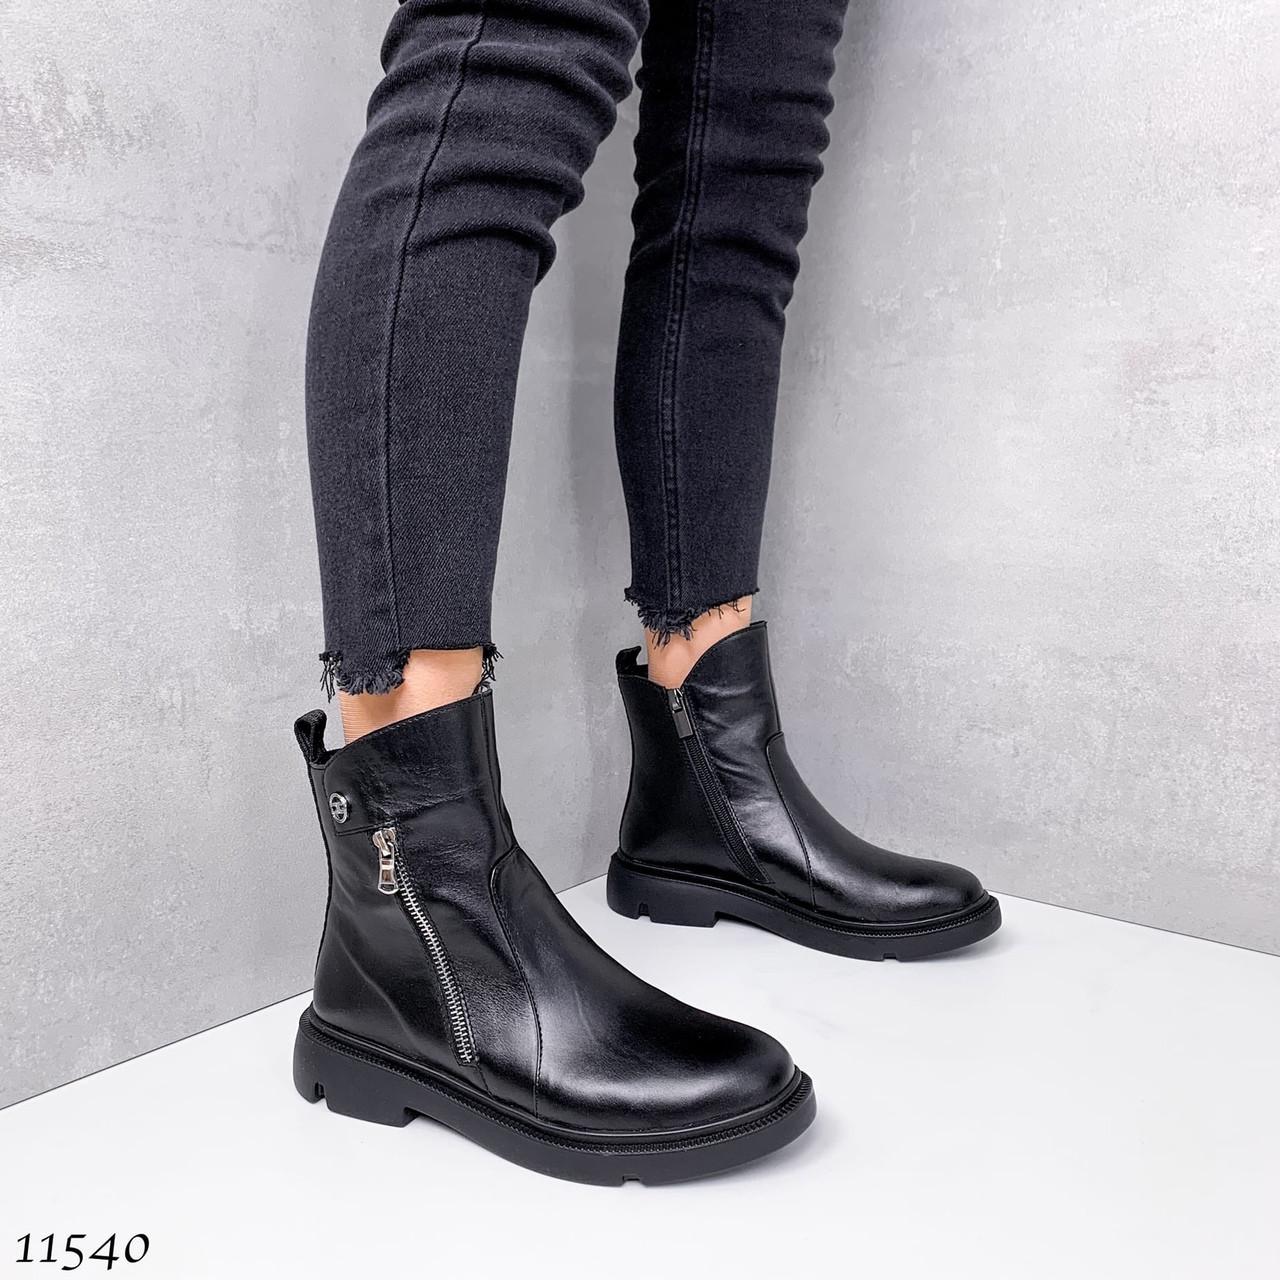 Натуральные кожаные ботинки женские 11540 (ЯМ)